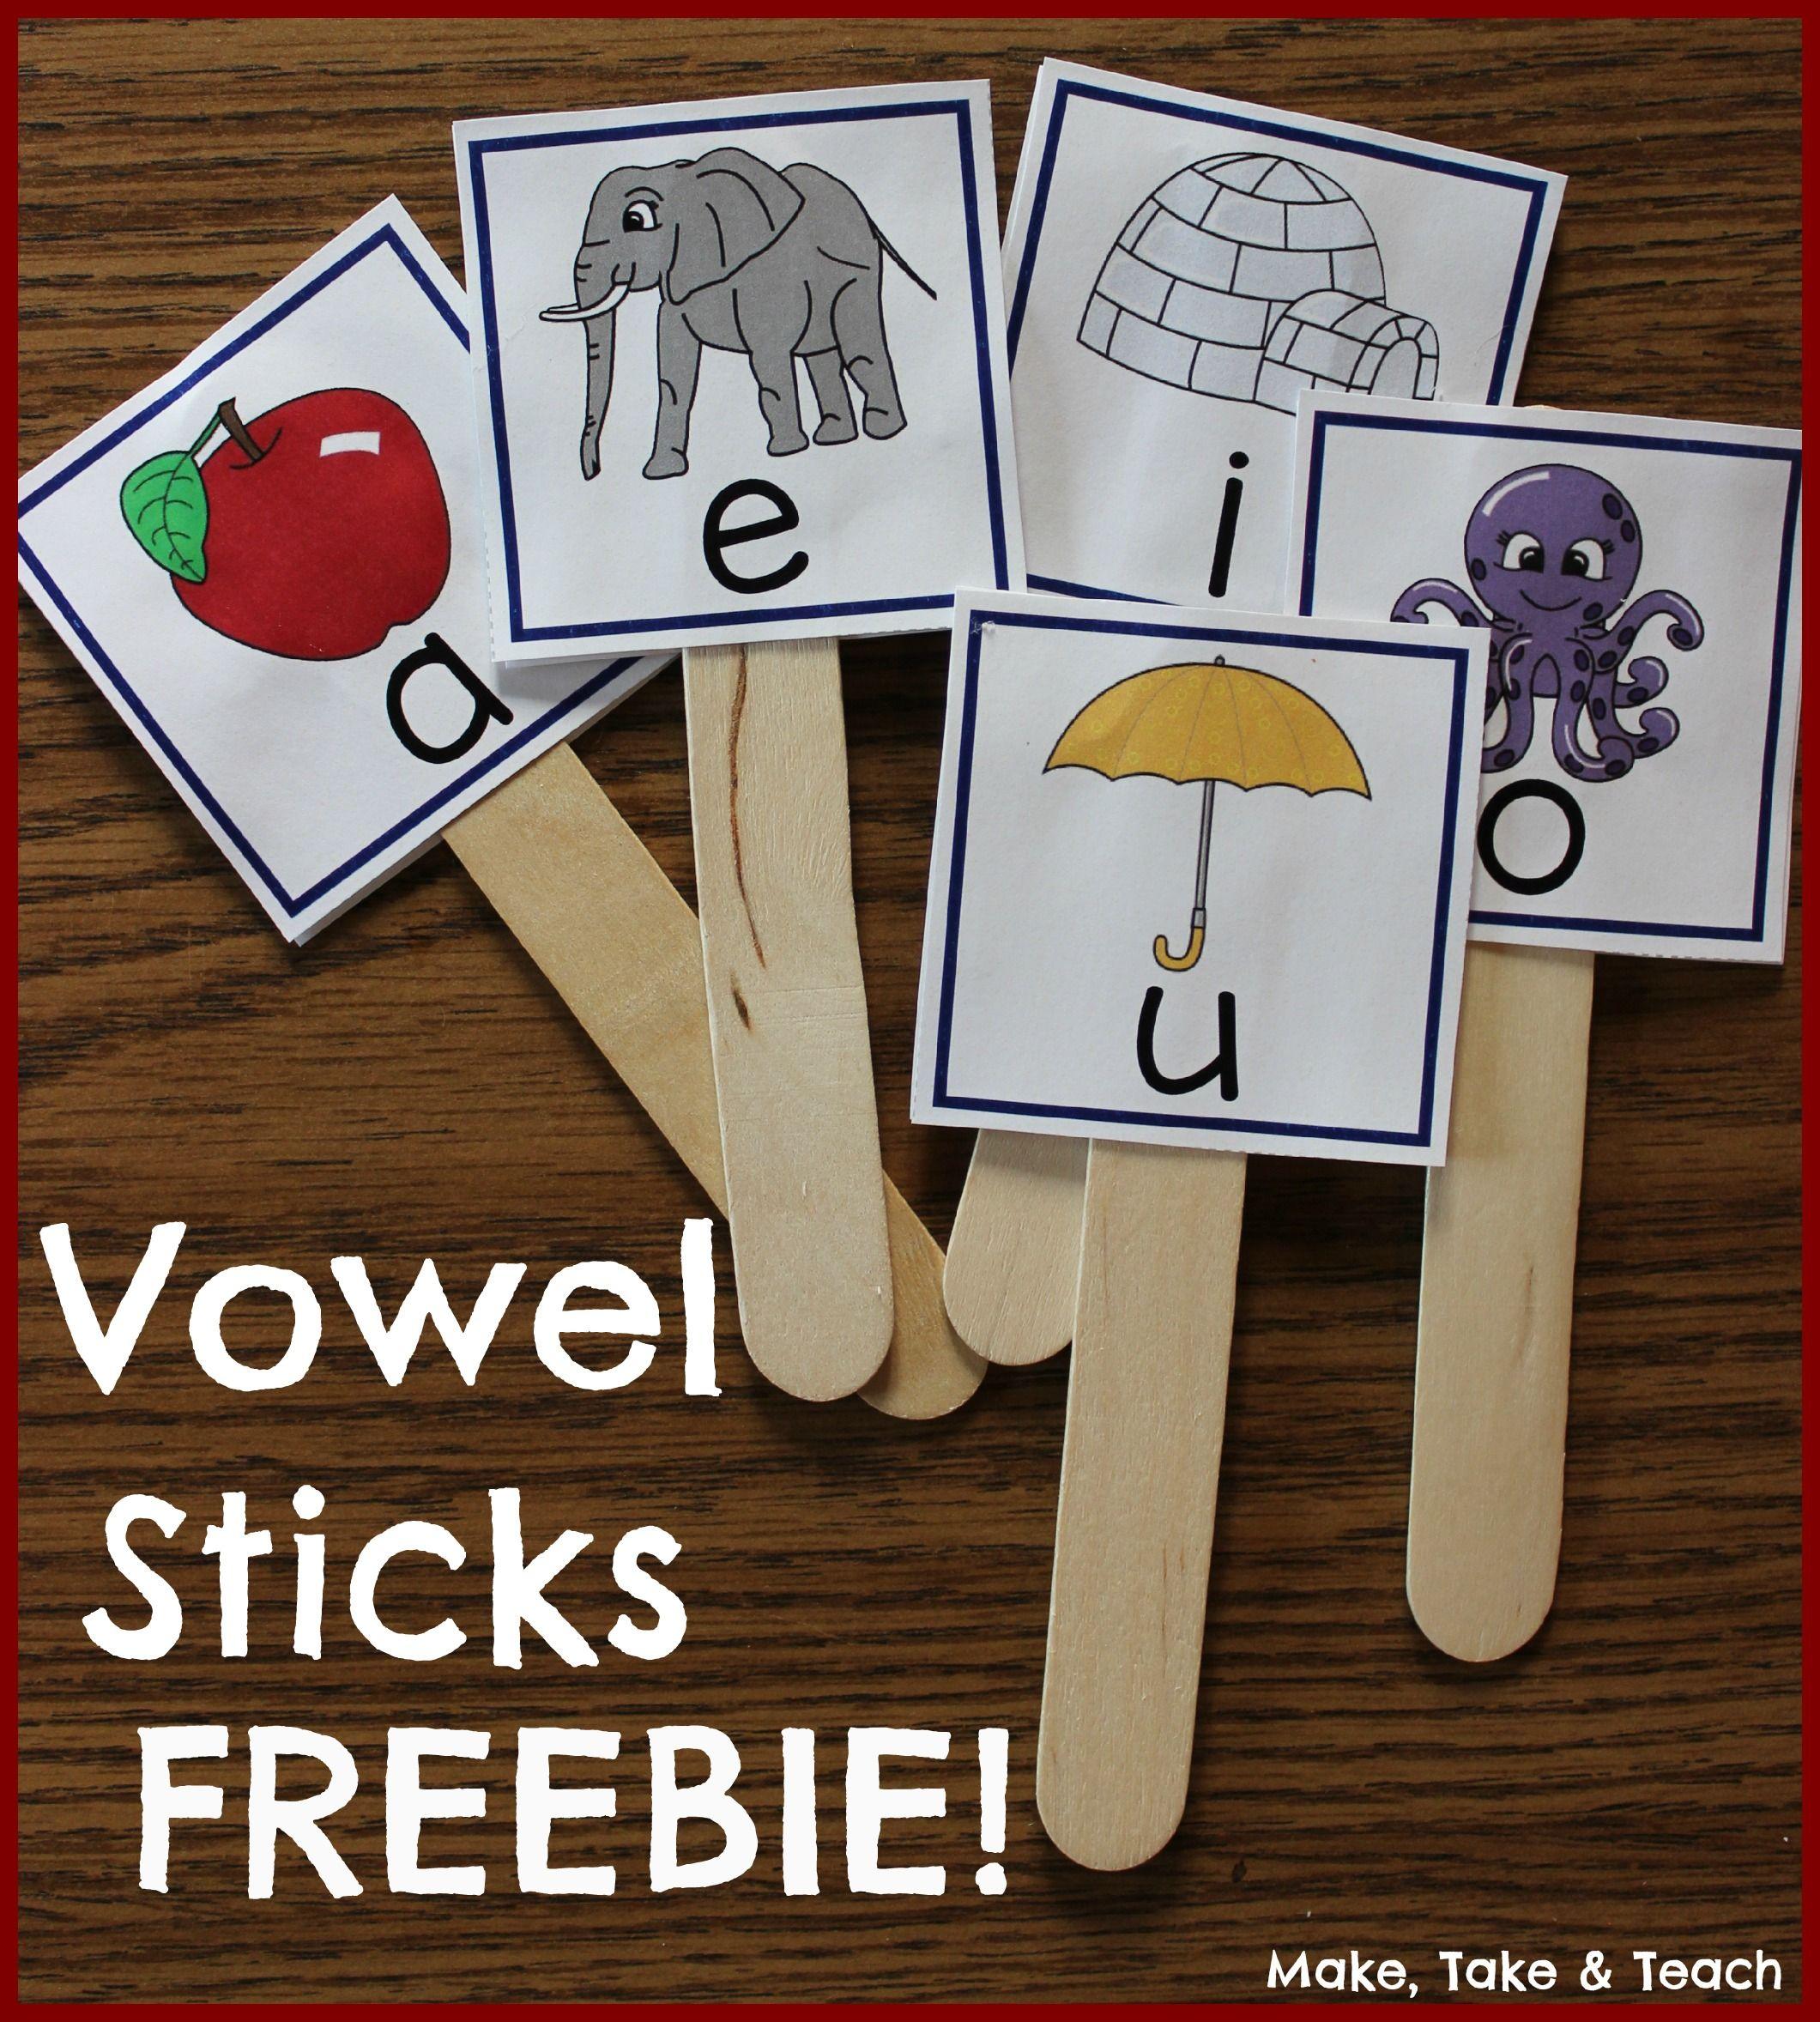 Vowel Sticks Freebie